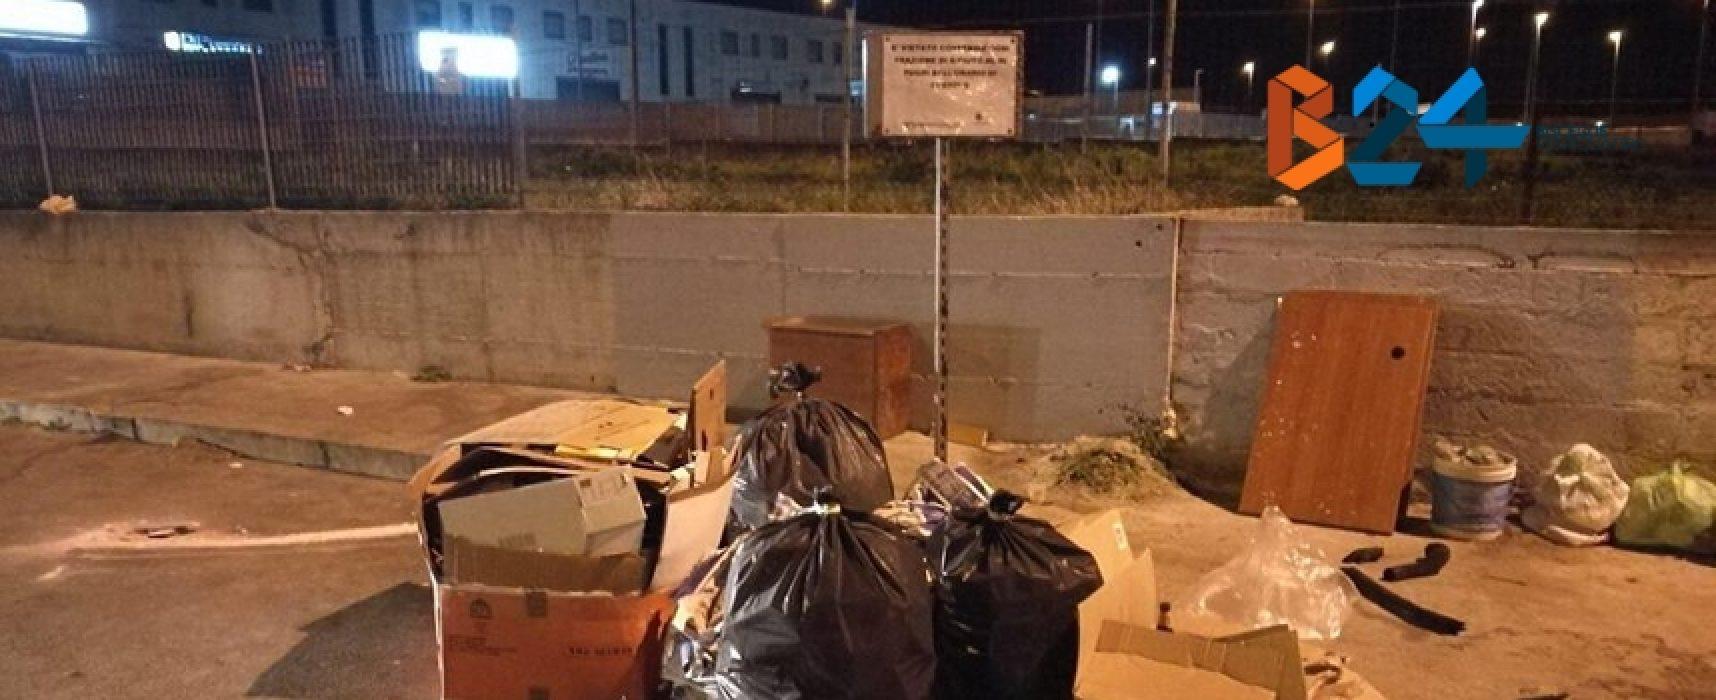 Isole ecologiche mobili, rifiuti abbandonati fuori dall'orario di presidio